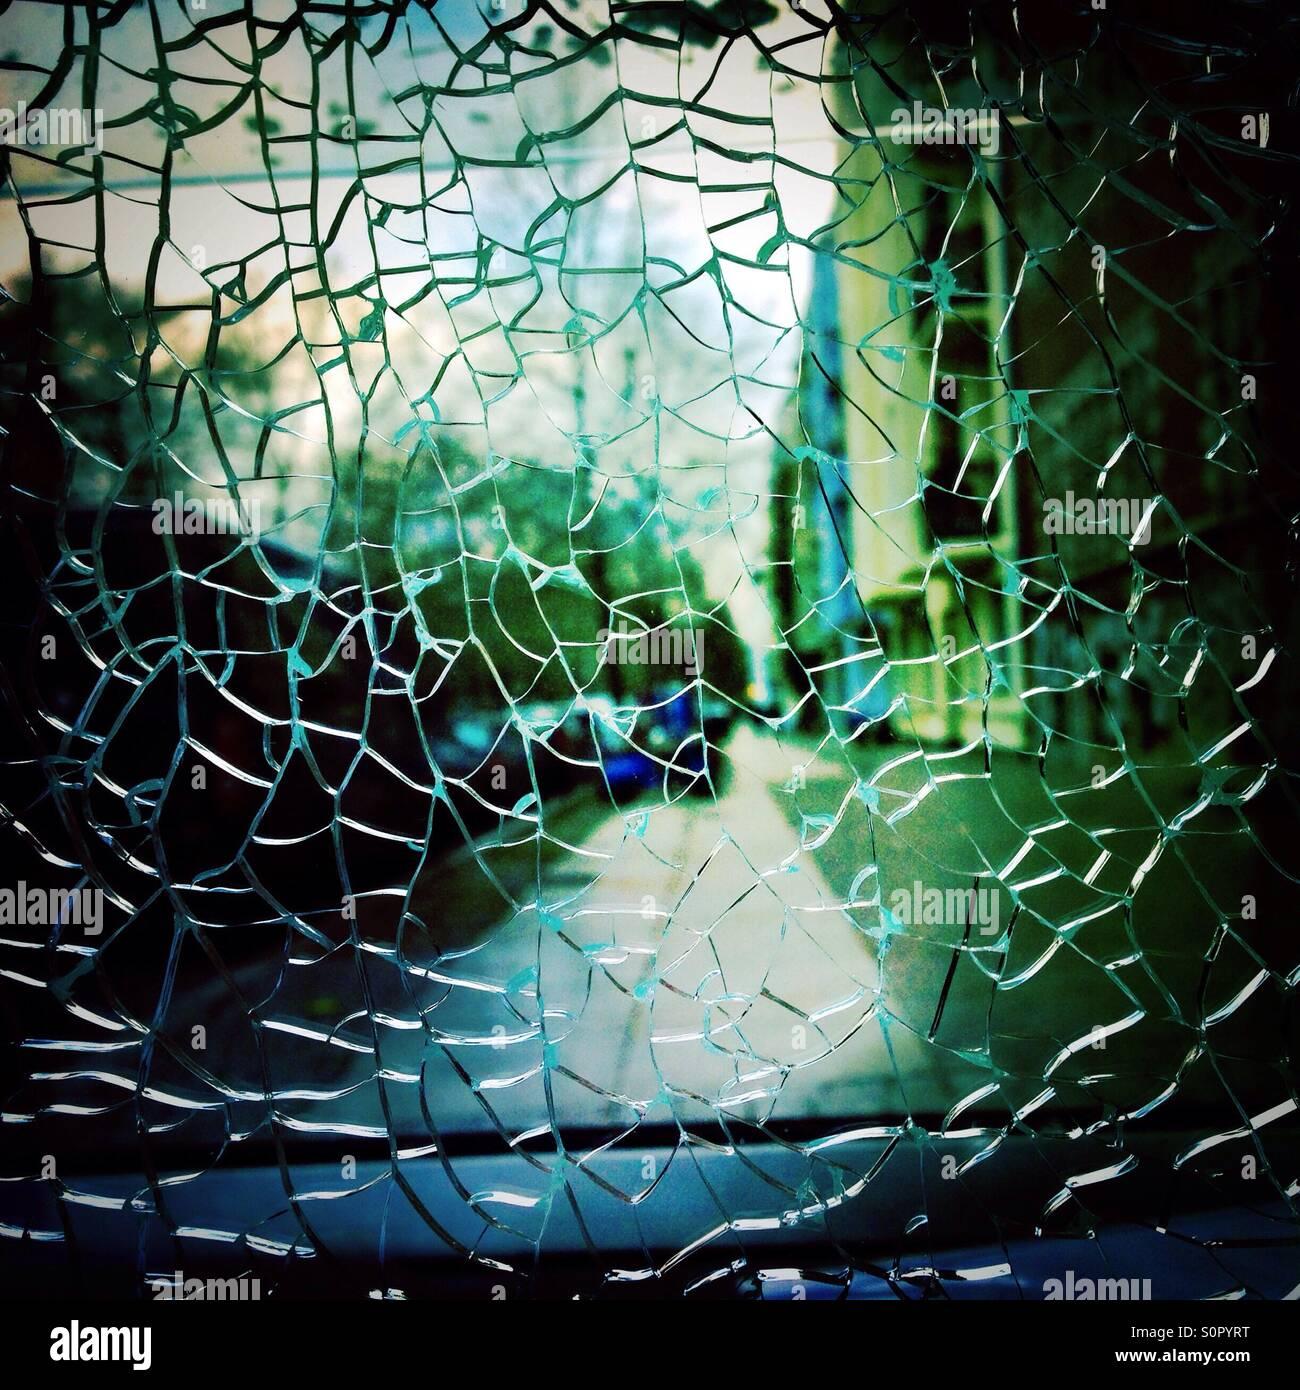 Zerbrochenes Glas und einer Stadtstraße im Hintergrund Stockbild